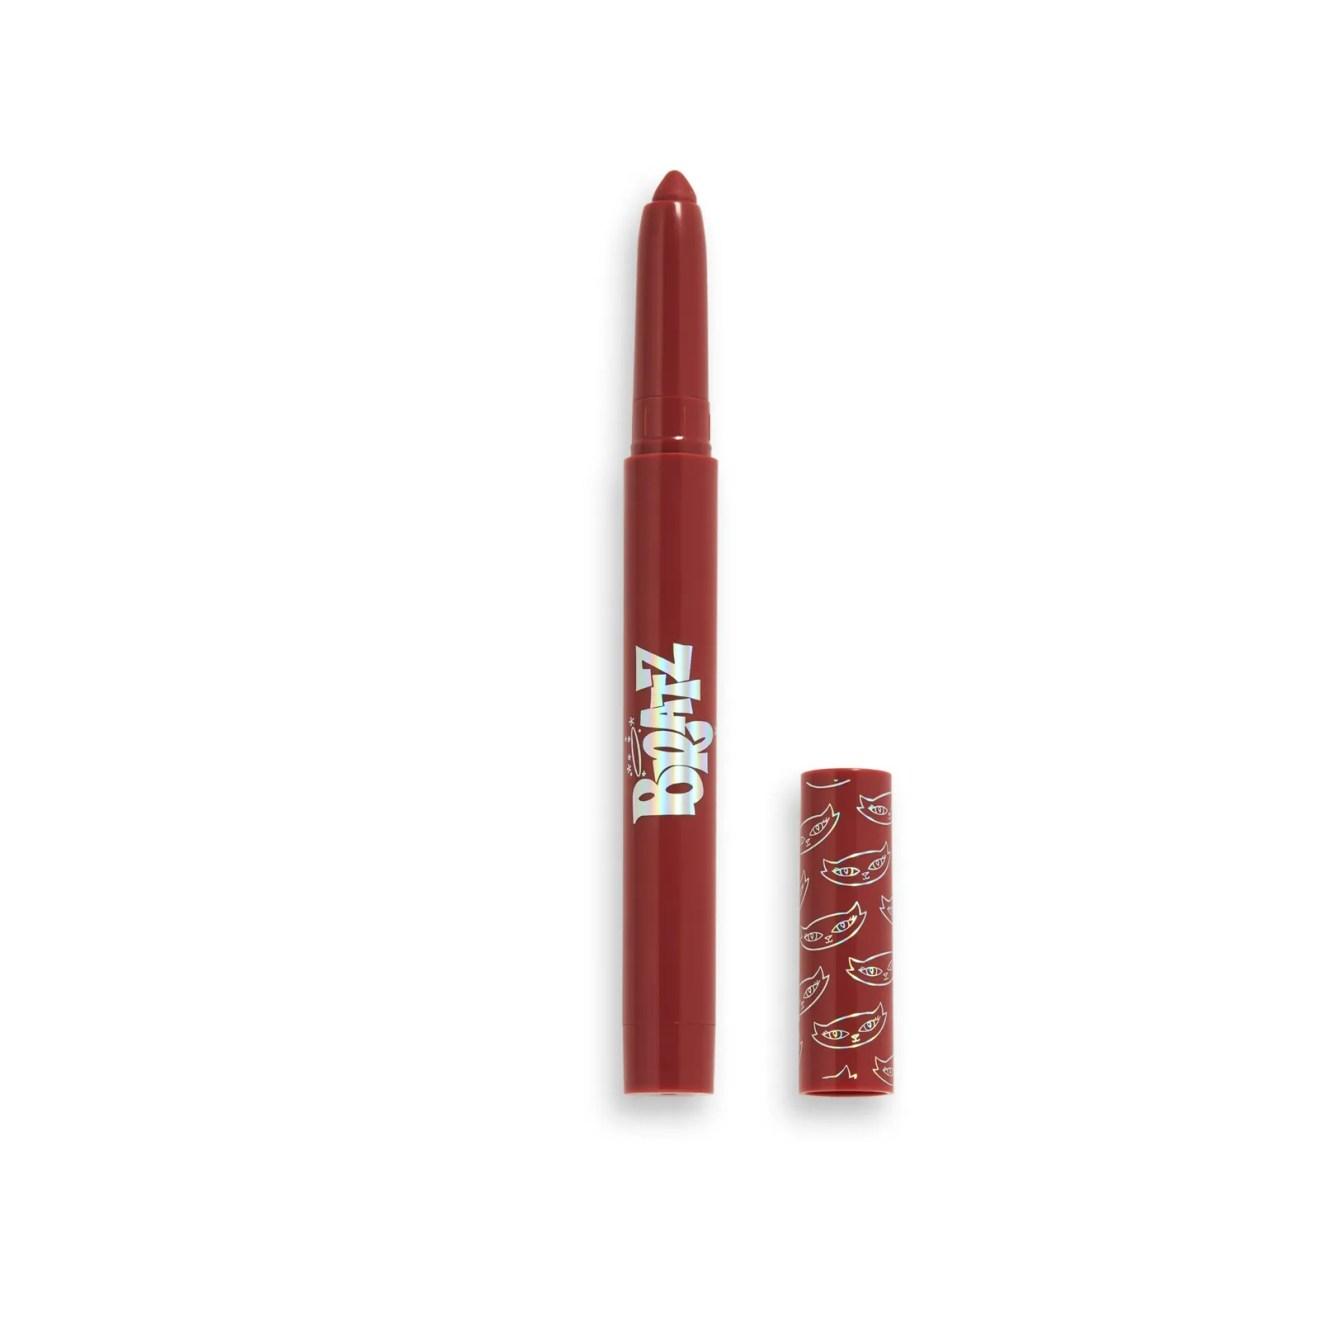 makeup revolution x bratz jade lip crayon on white background